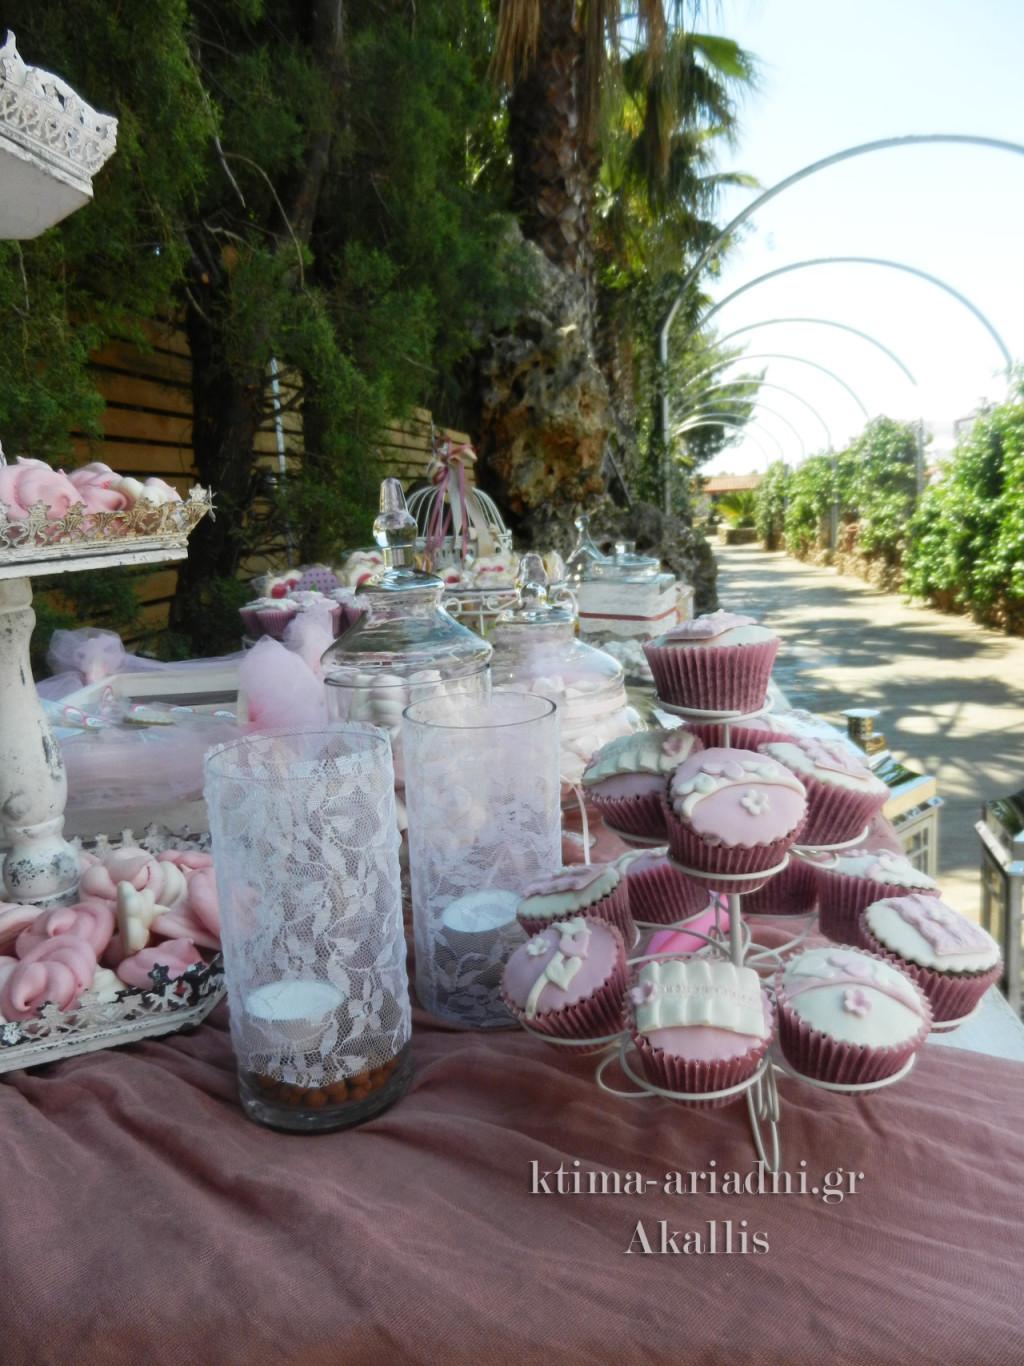 Το τραπέζι με το βιβλίο ευχών ήταν γεμάτο με γλυκά κεράσματα